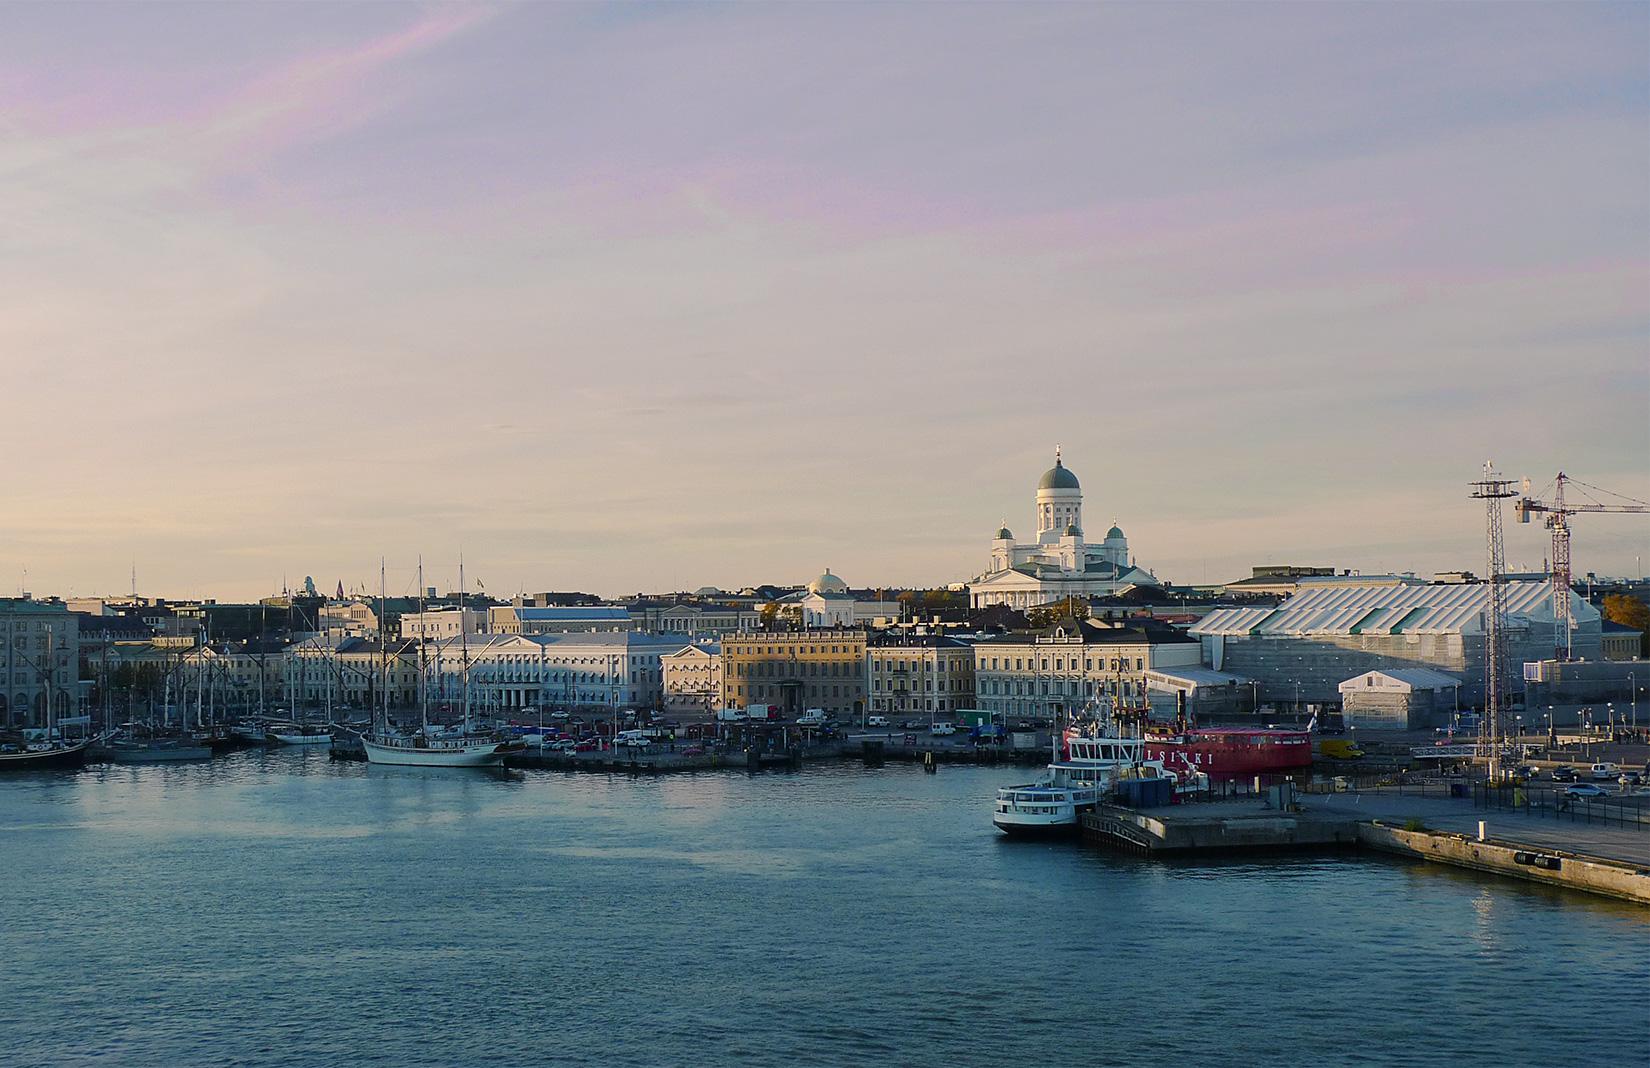 Helsinki Marina and Port at dusk